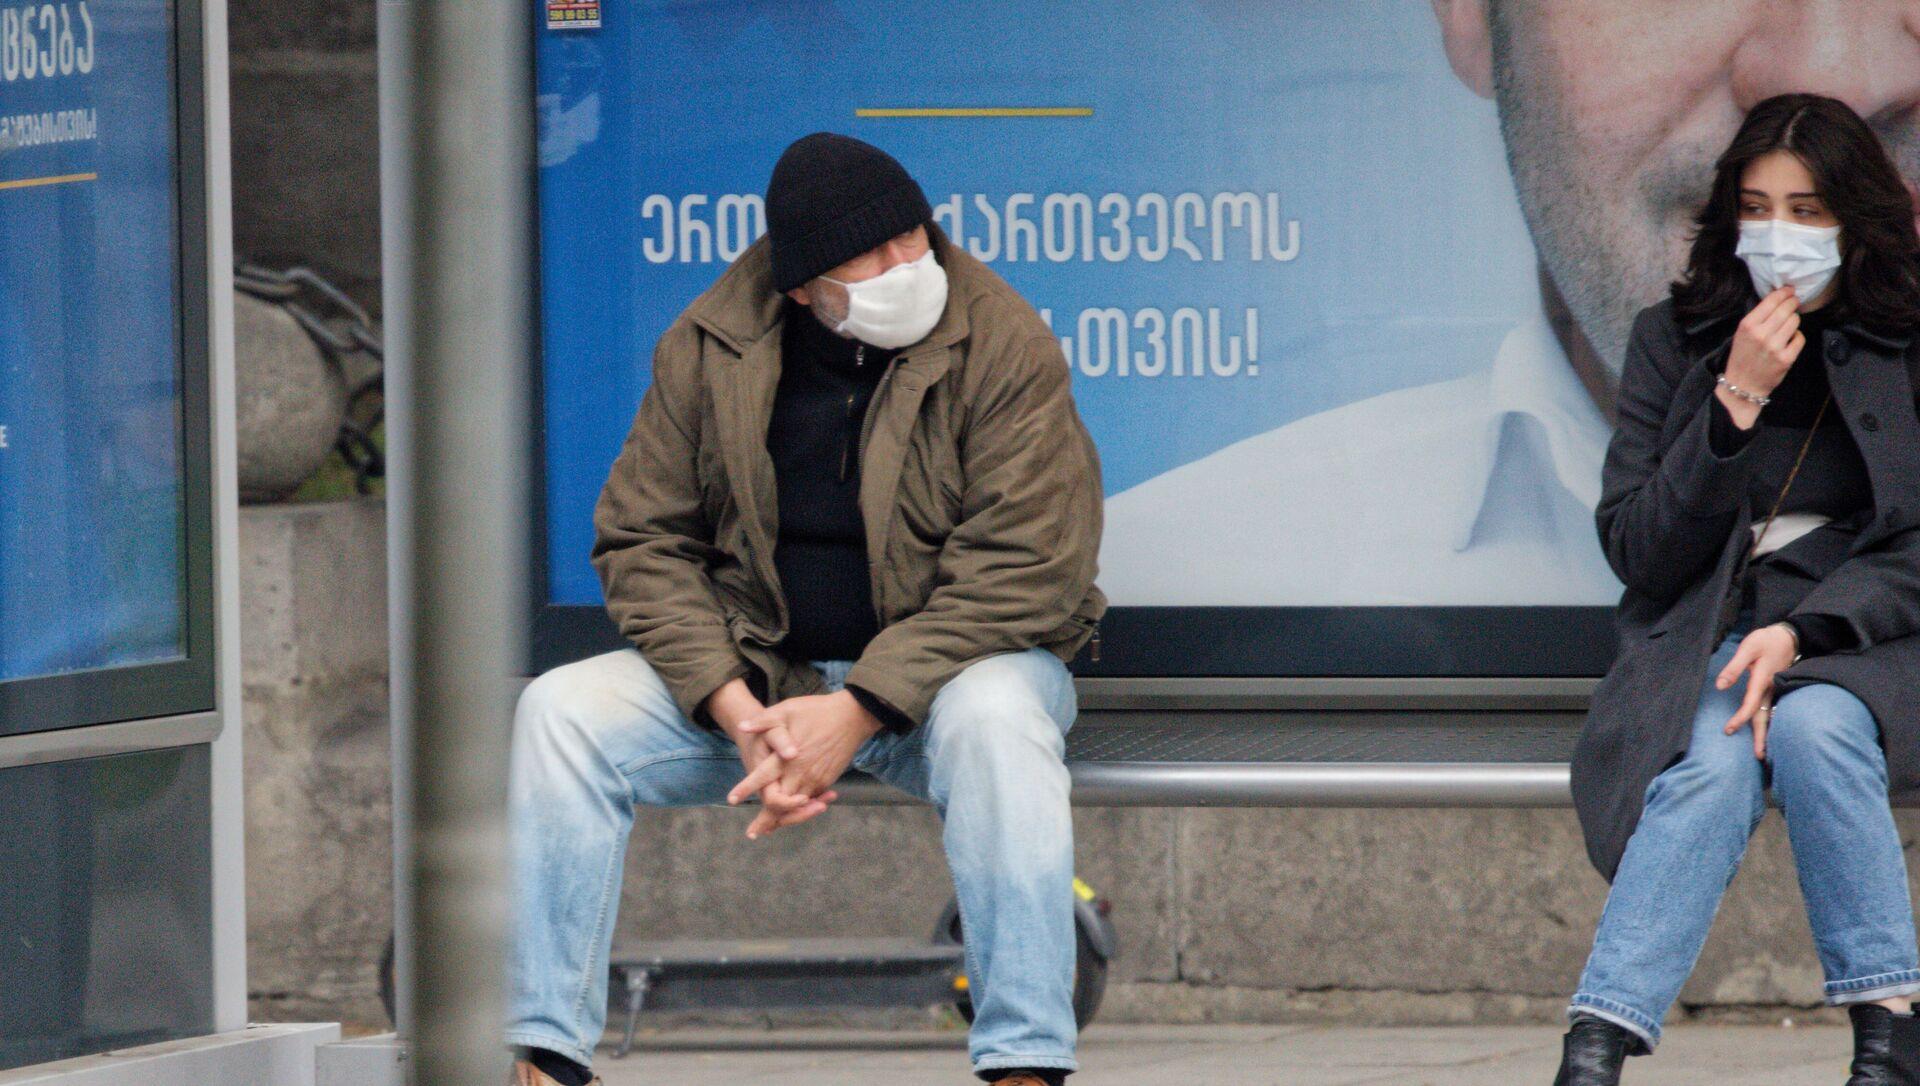 Эпидемия коронавируса - прохожие на улице в масках - Sputnik Грузия, 1920, 16.02.2021